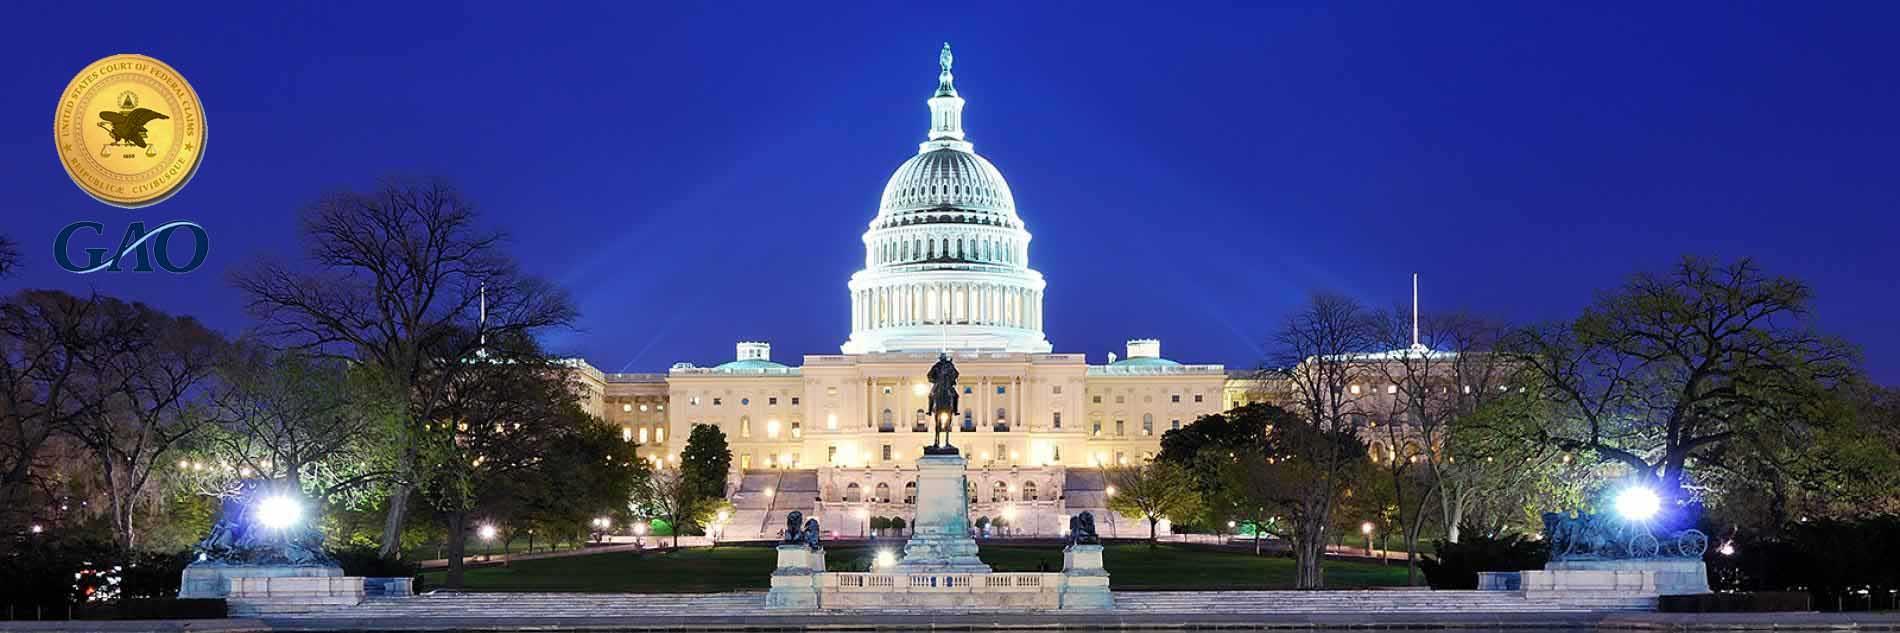 ข้อมูลข่าวสารสหรัฐอเมริกา รัฐบาล เศรษฐกิจ การเมือง อื่นๆ